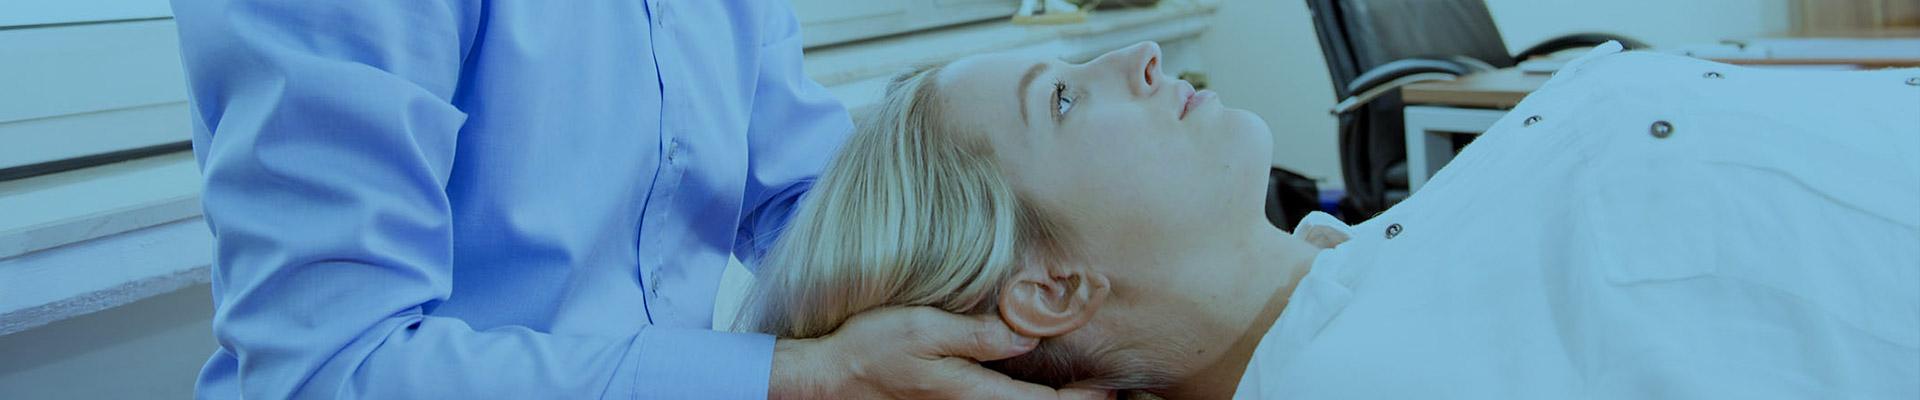 Osteopathie Georgsmarienhütte